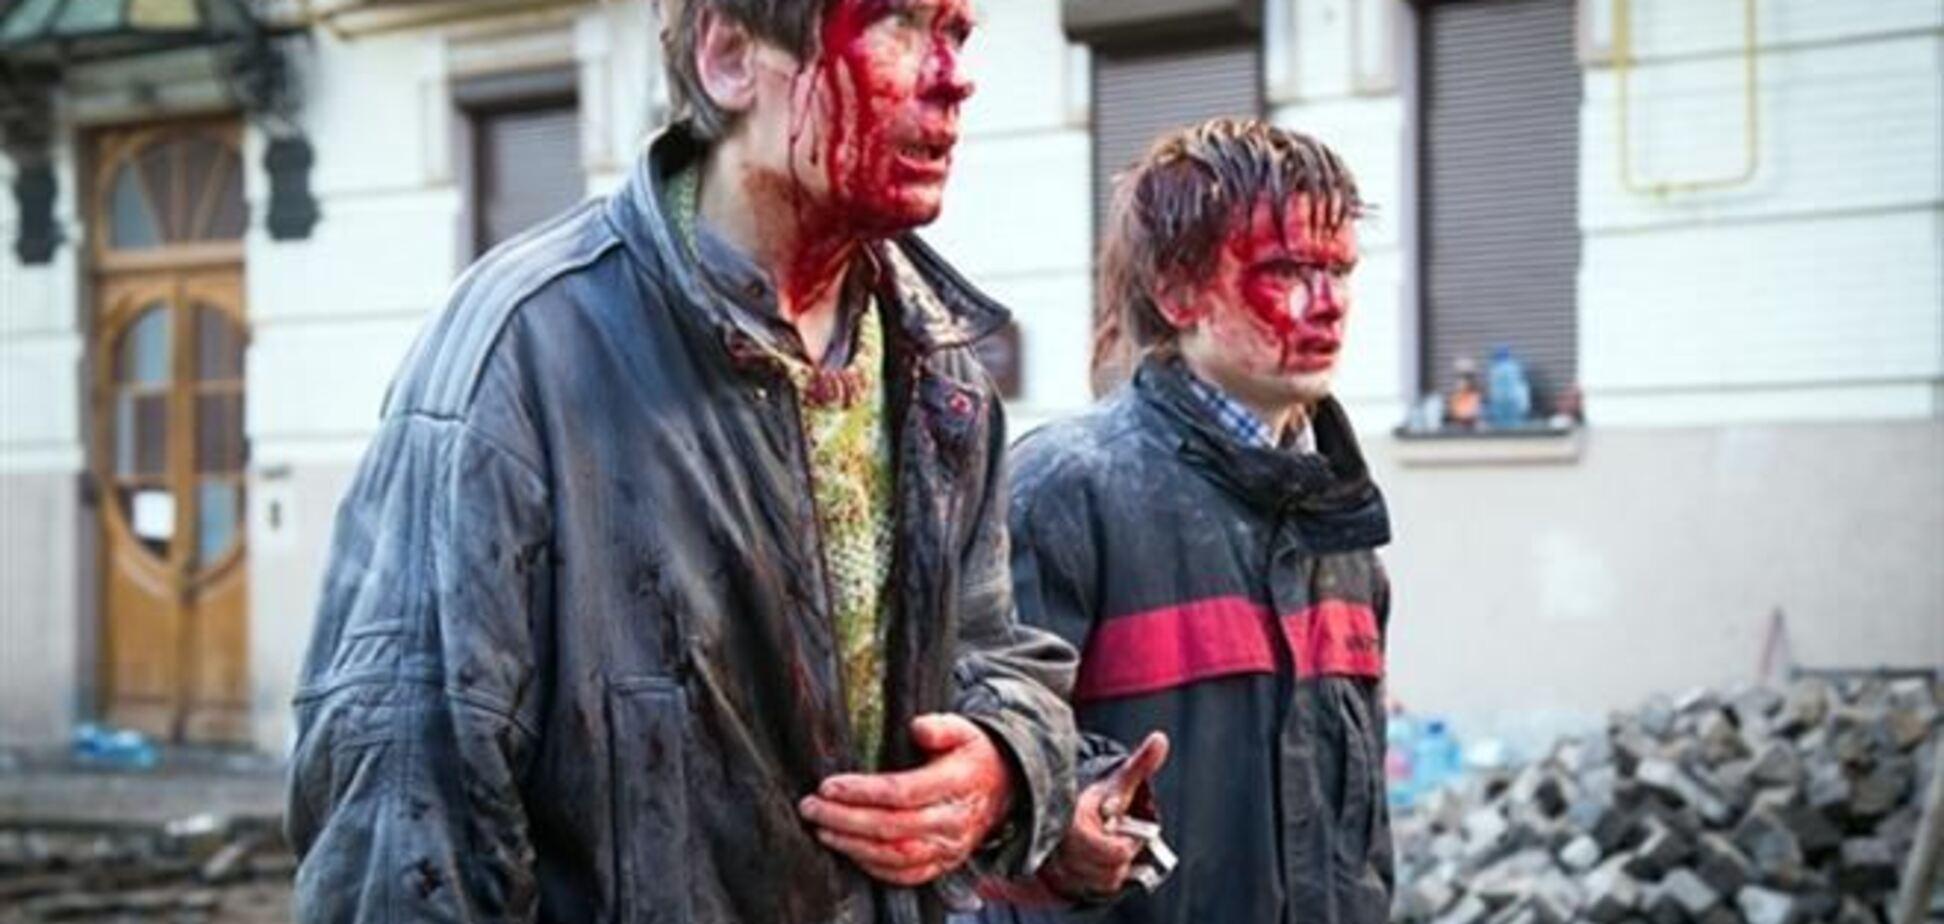 Избитые 18 февраля отец и сын, фото которых облетело мир, рассказали о жестокости 'Беркута'